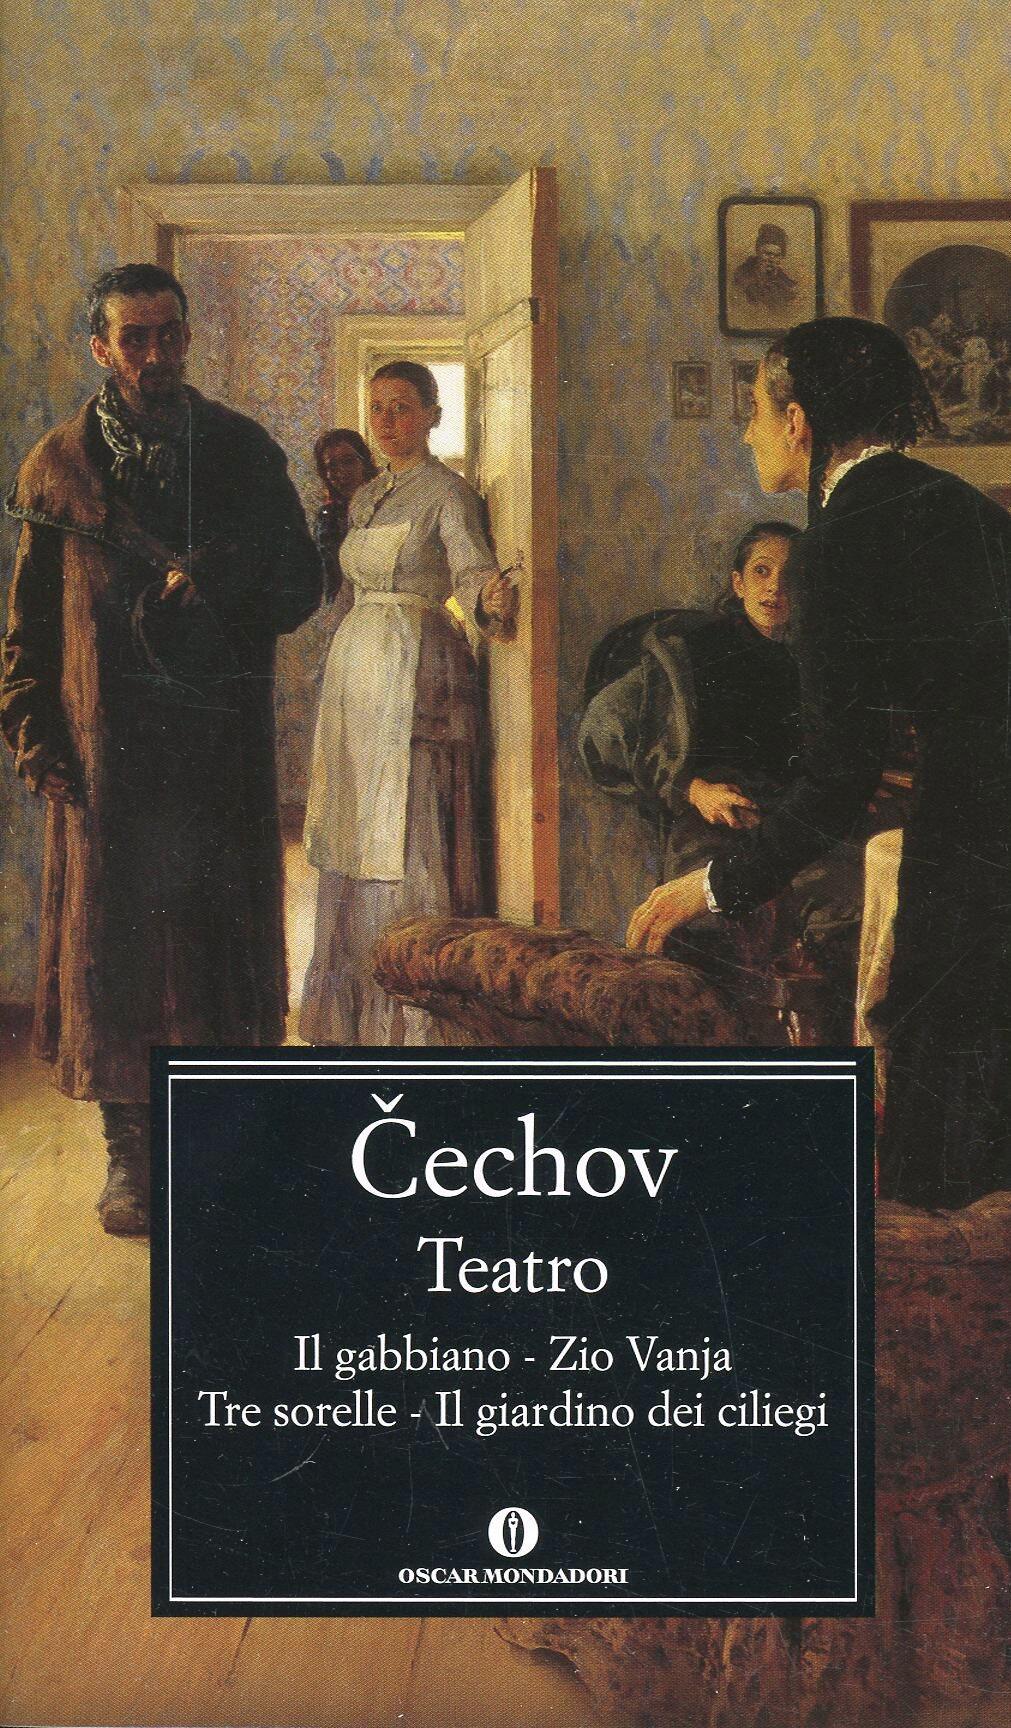 Teatro il gabbiano il giardino dei ciliegi zio vania tre sorelle anton cechov libro - Il giardino dei ciliegi ...